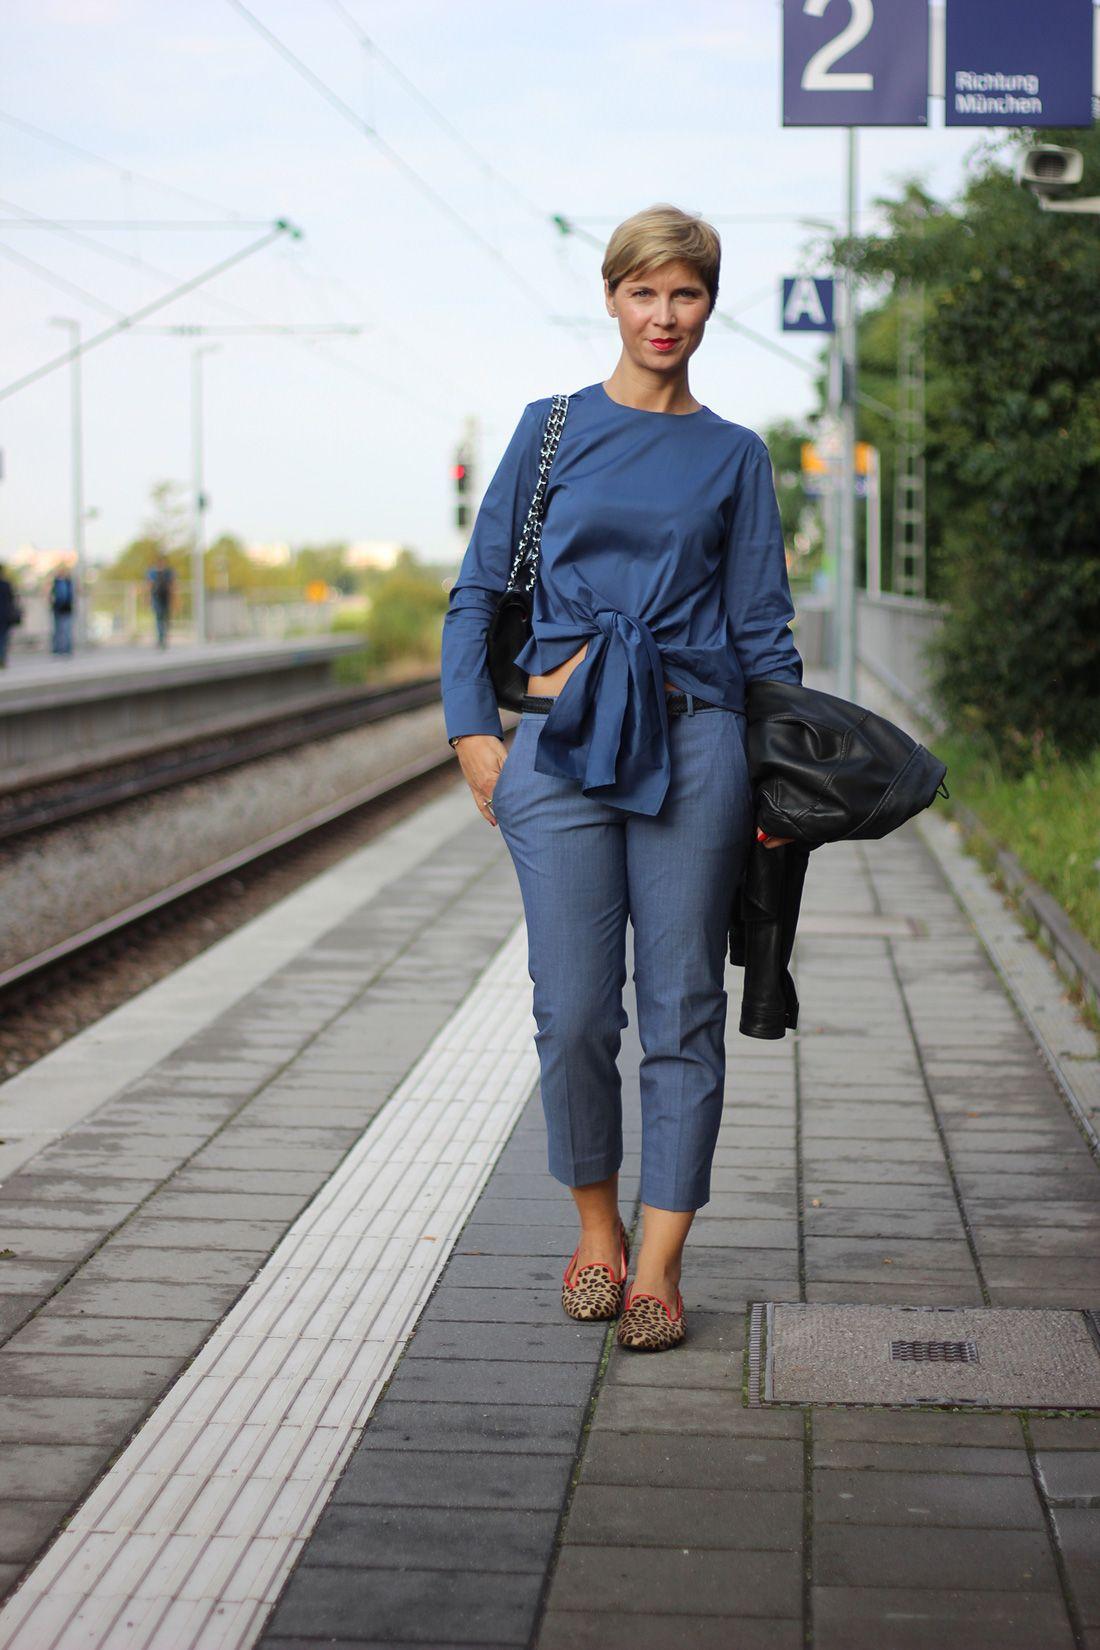 Boulangerie Bleue in München - Ein Outfit ganz in Blau ...